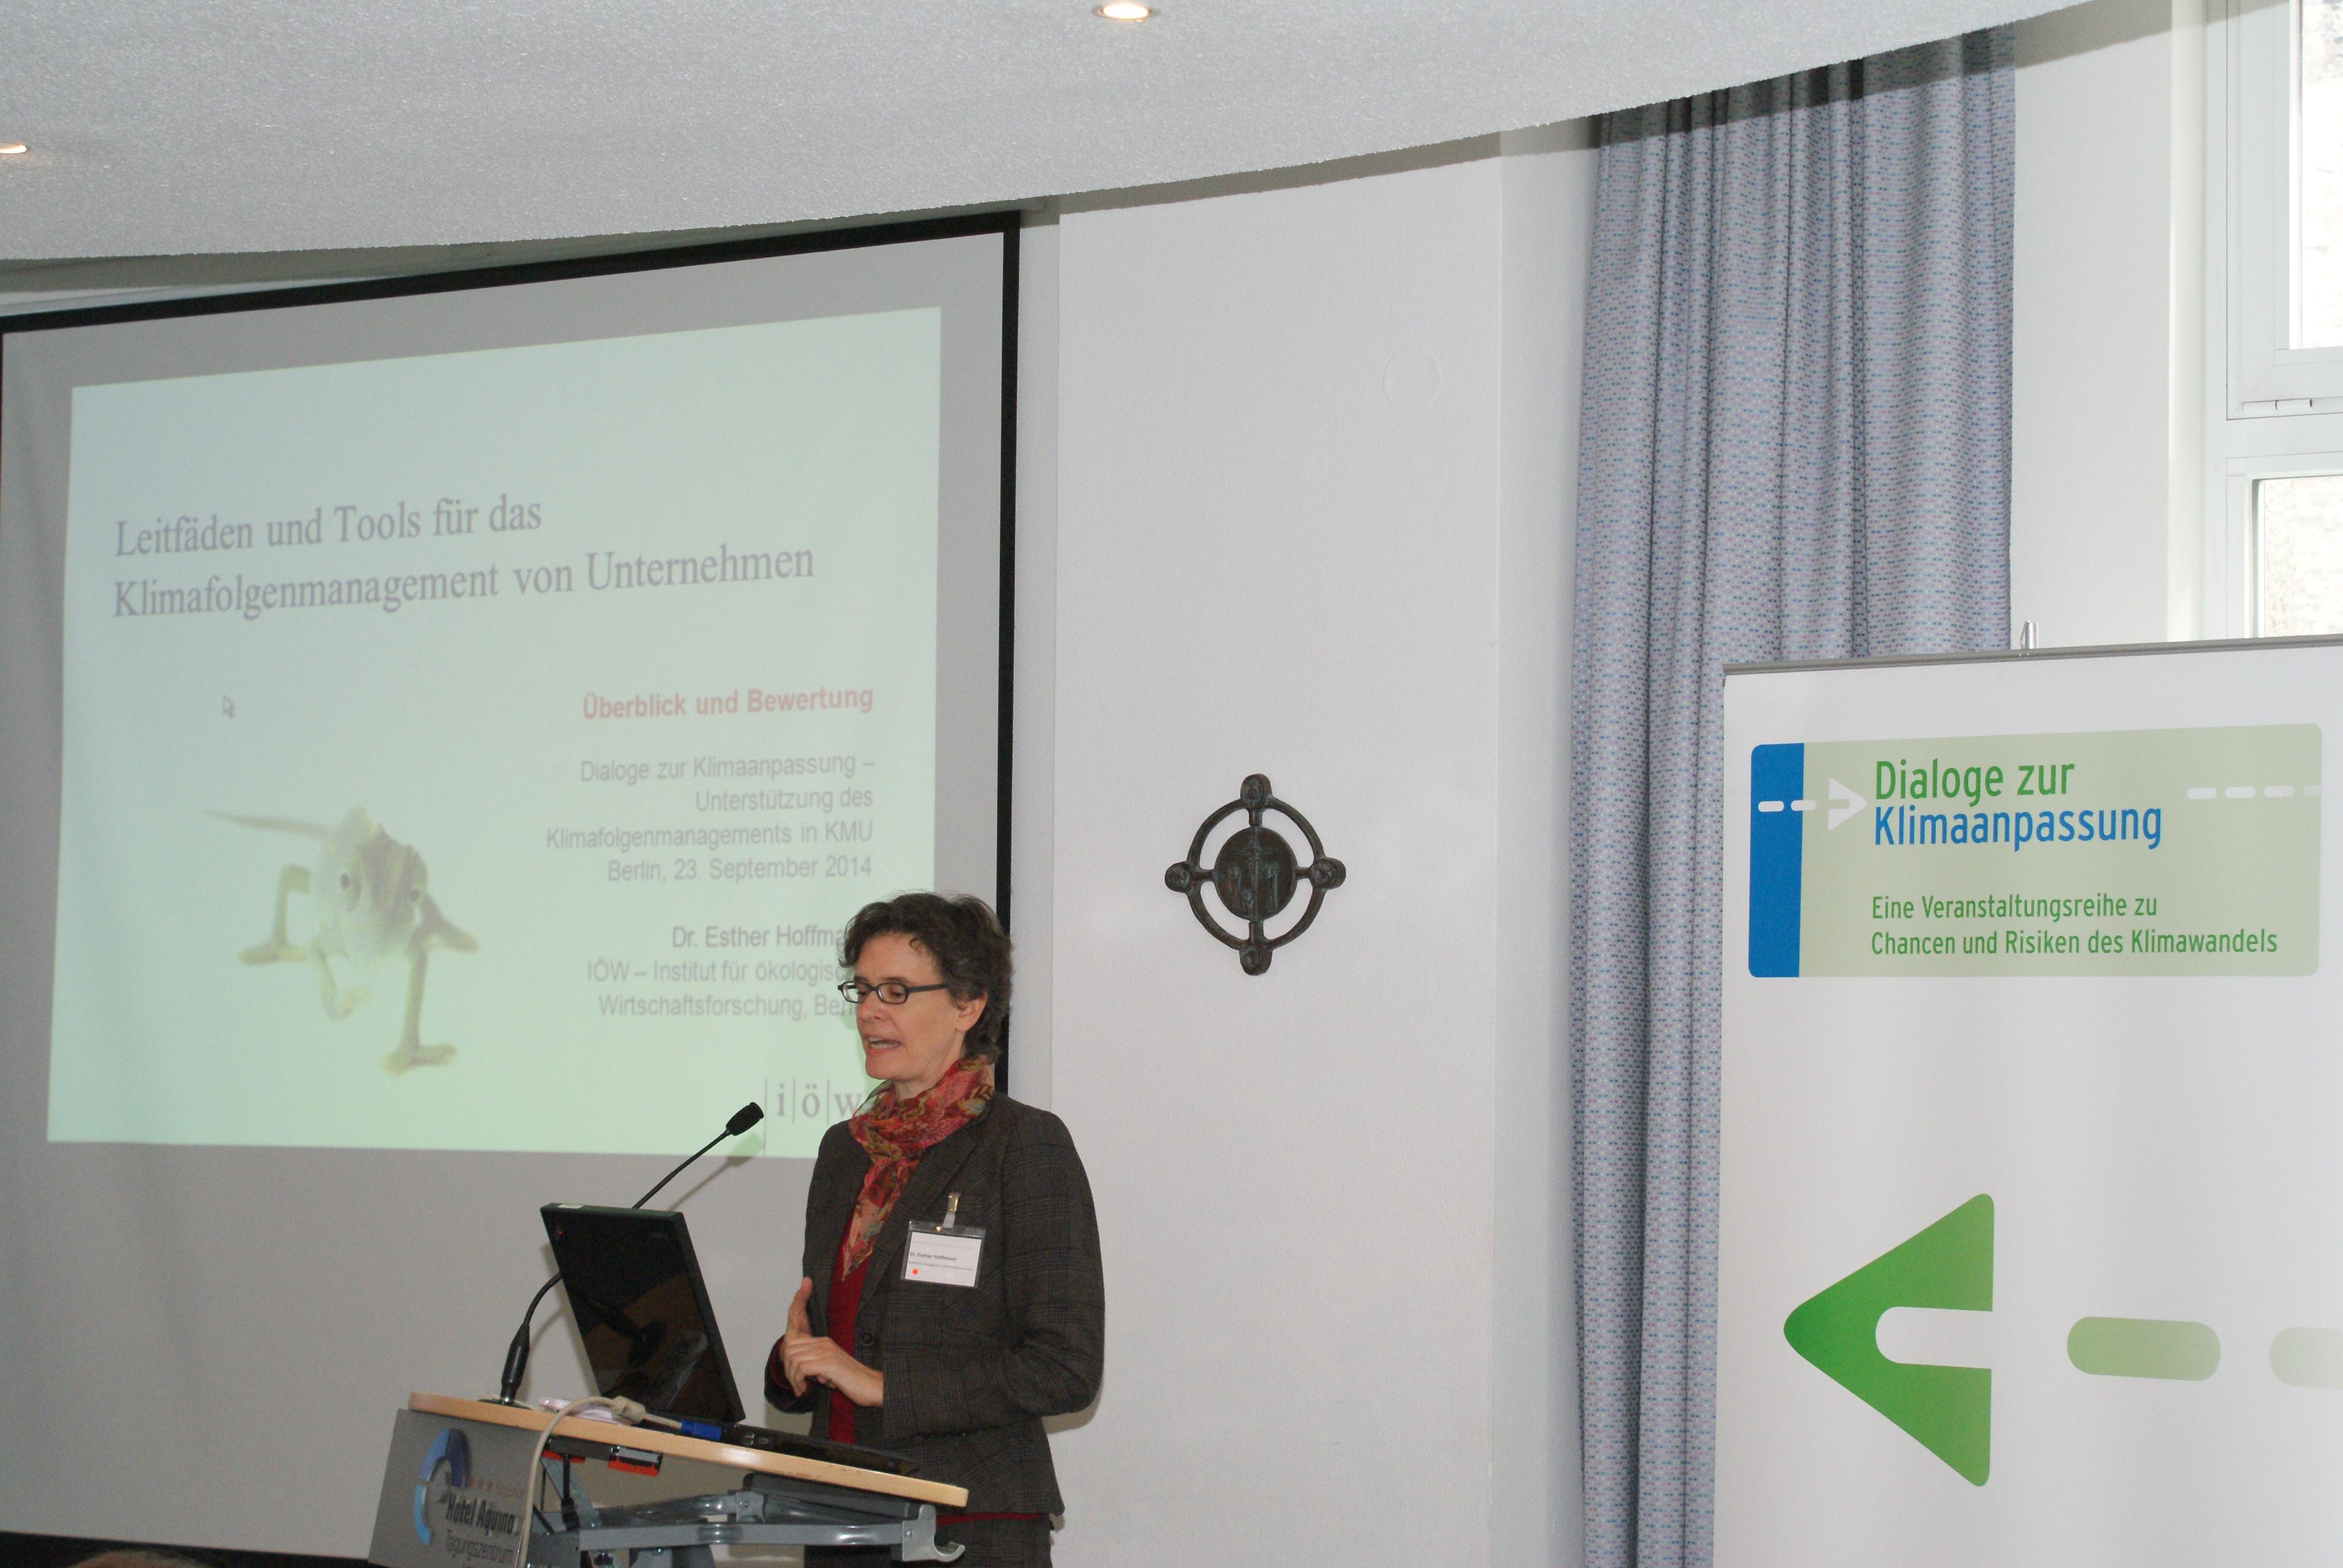 Vortragende steht am Rednerpult und trägt vor. Im Hintergrund sieht man den Vortrag auf der Projektionswand und den Veranstaltungsaufsteller.